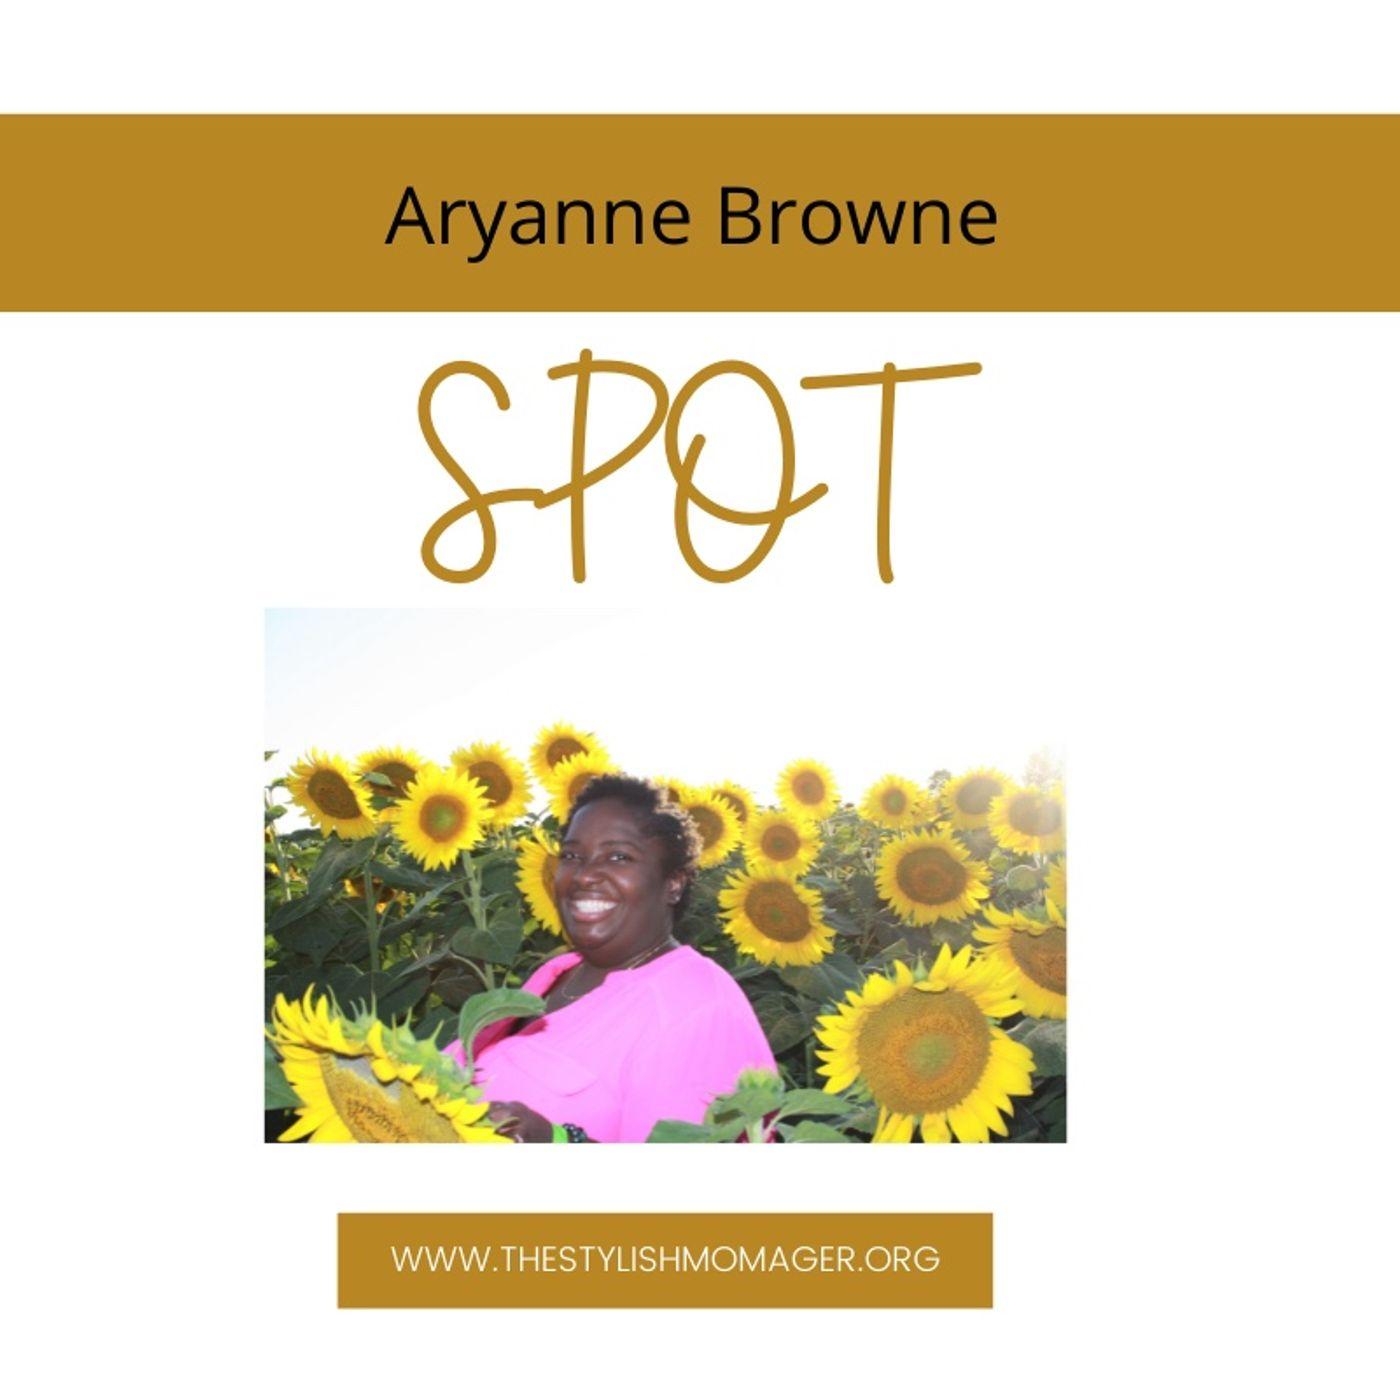 Episode 17 - Aryanne Browne